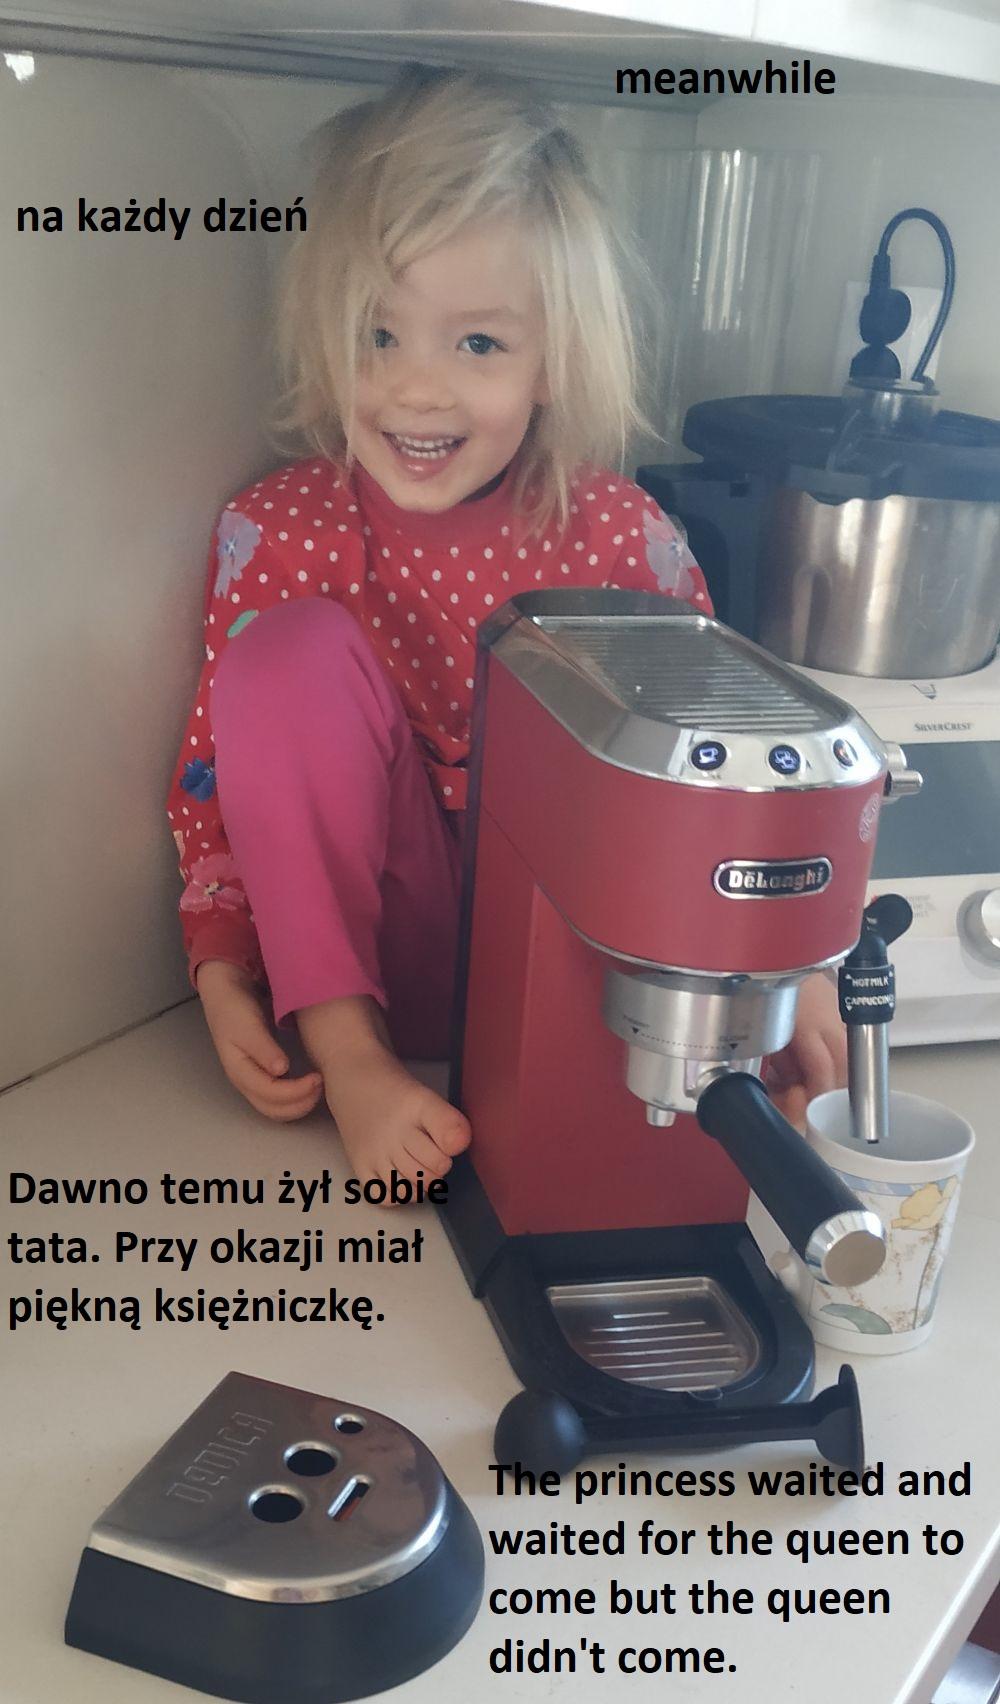 Jak mówi dwujęzyczna czterolatka wychowana w dwujęzyczności zamierzonej w dwóch językach głównych (wersja audio)